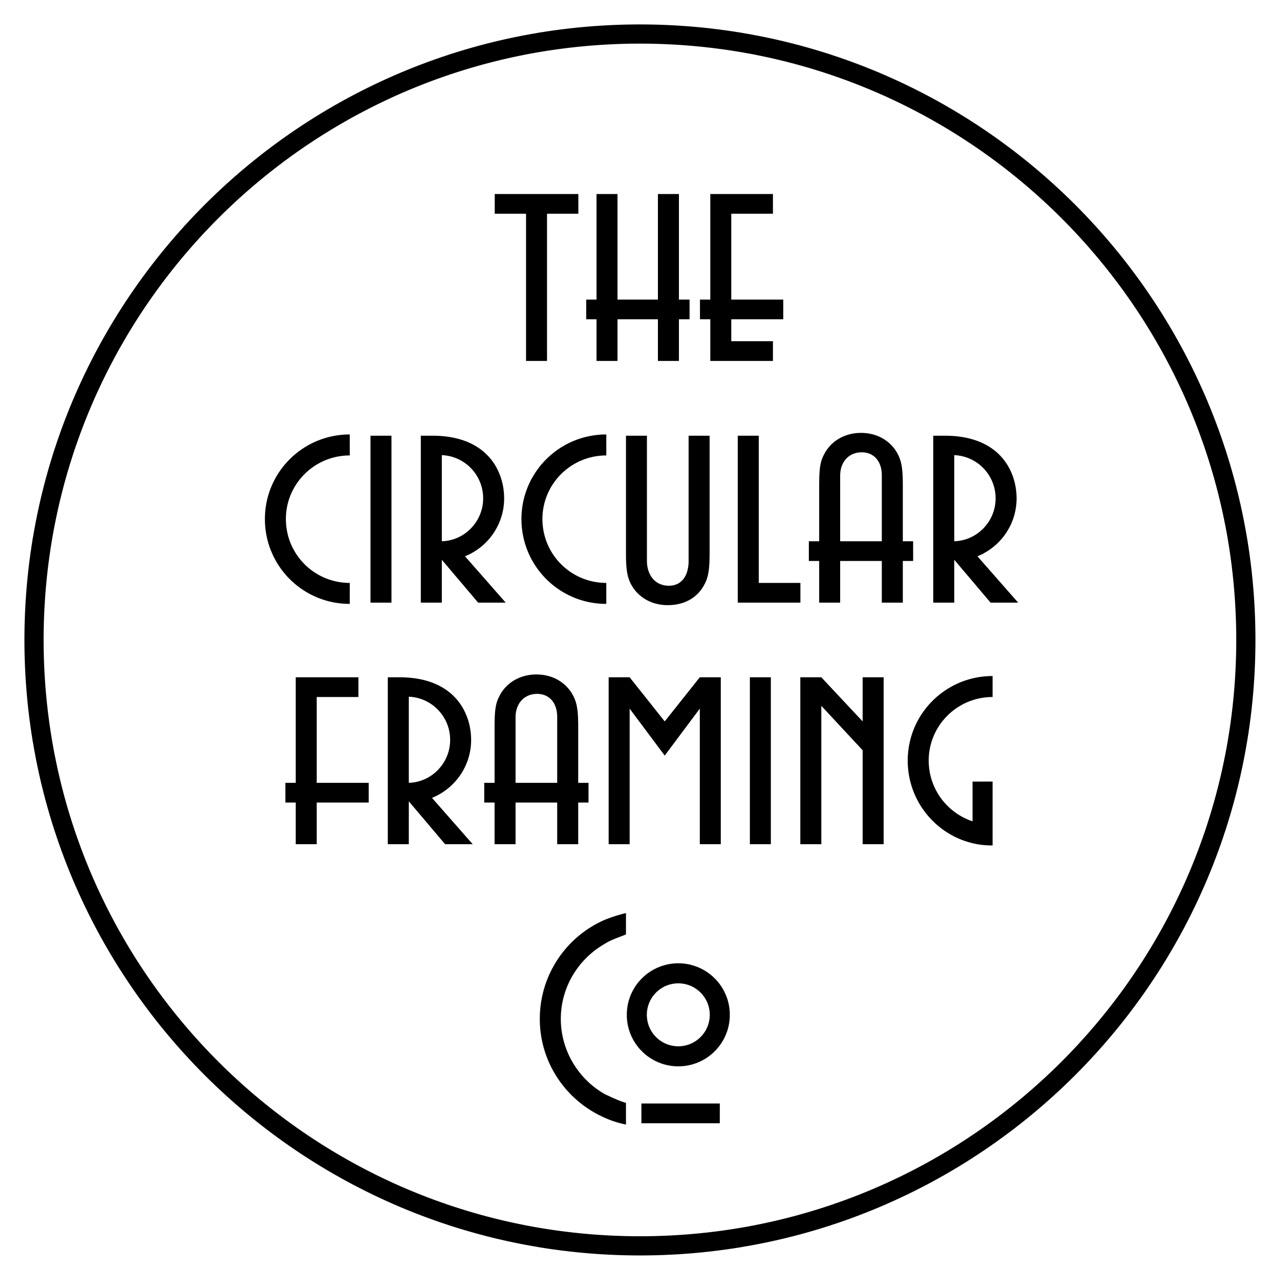 The Circular Framing Company